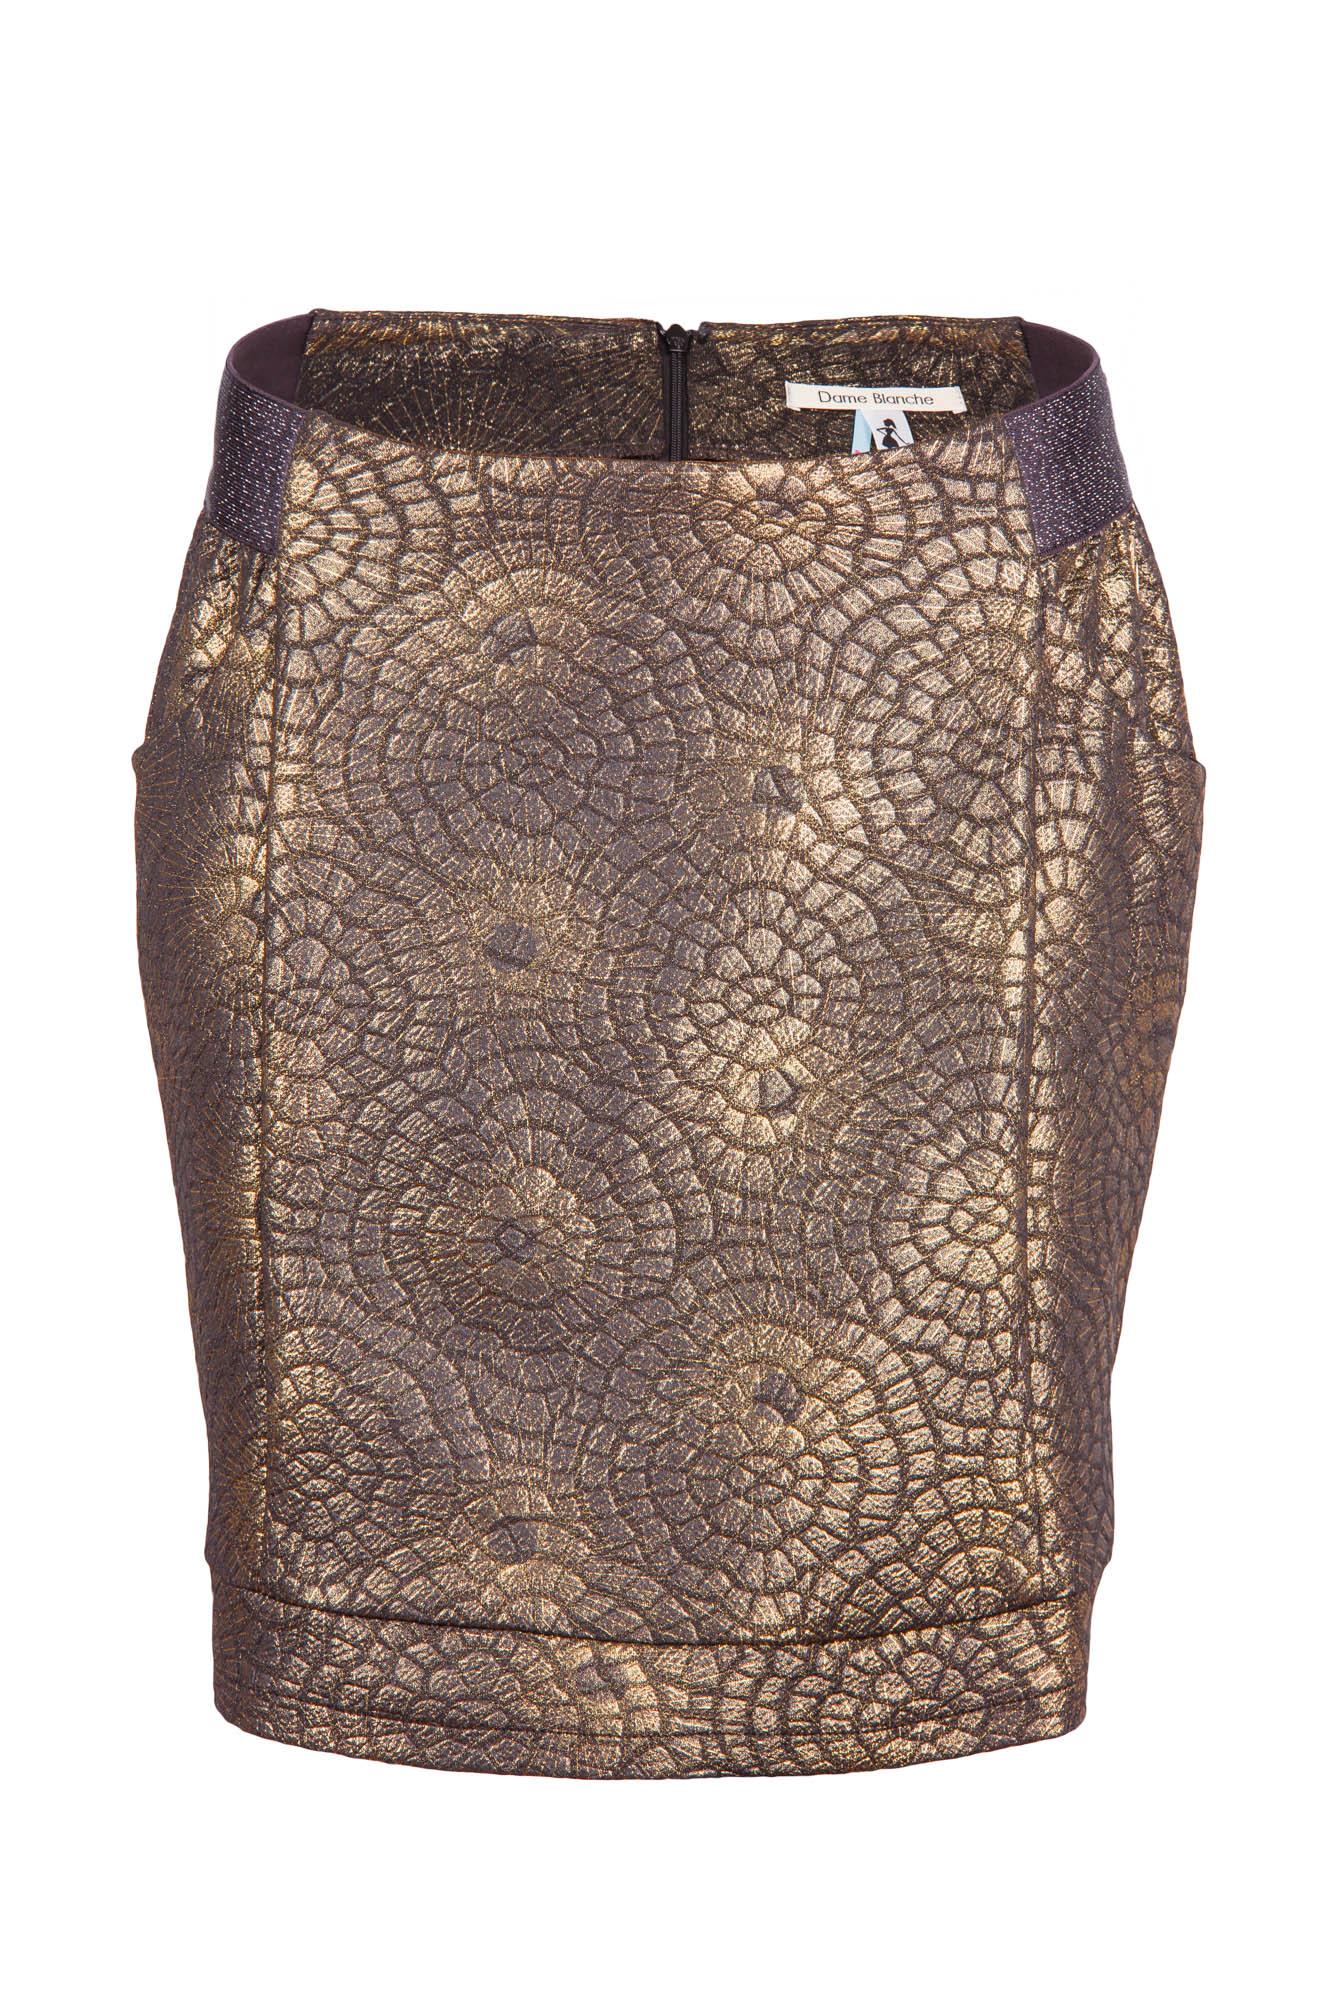 Dame Blanche - Mini Skirt Black & Gold-1.jpg